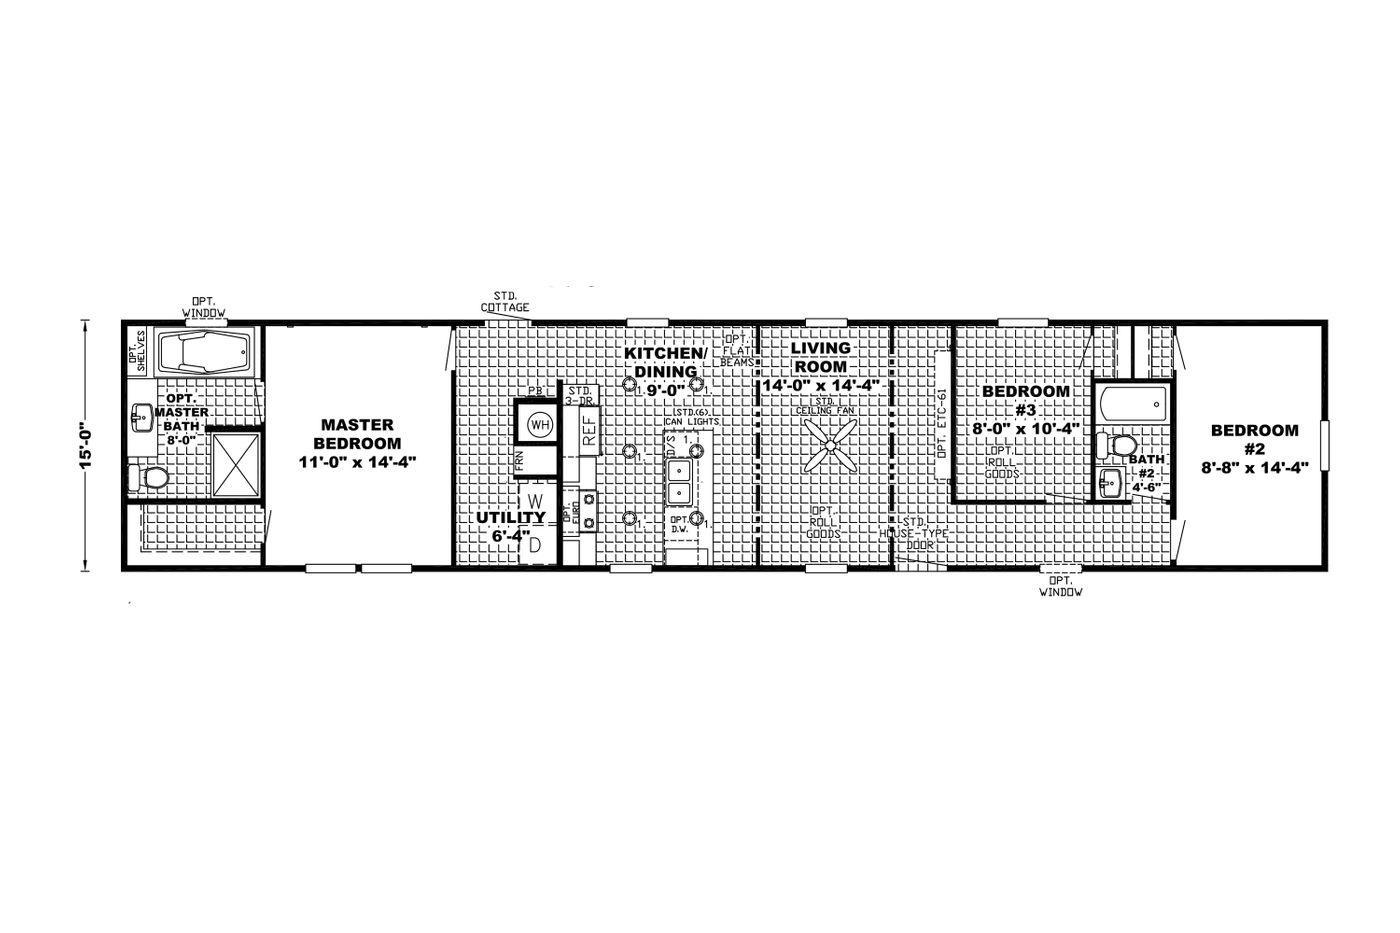 Edg16723a Floorplan